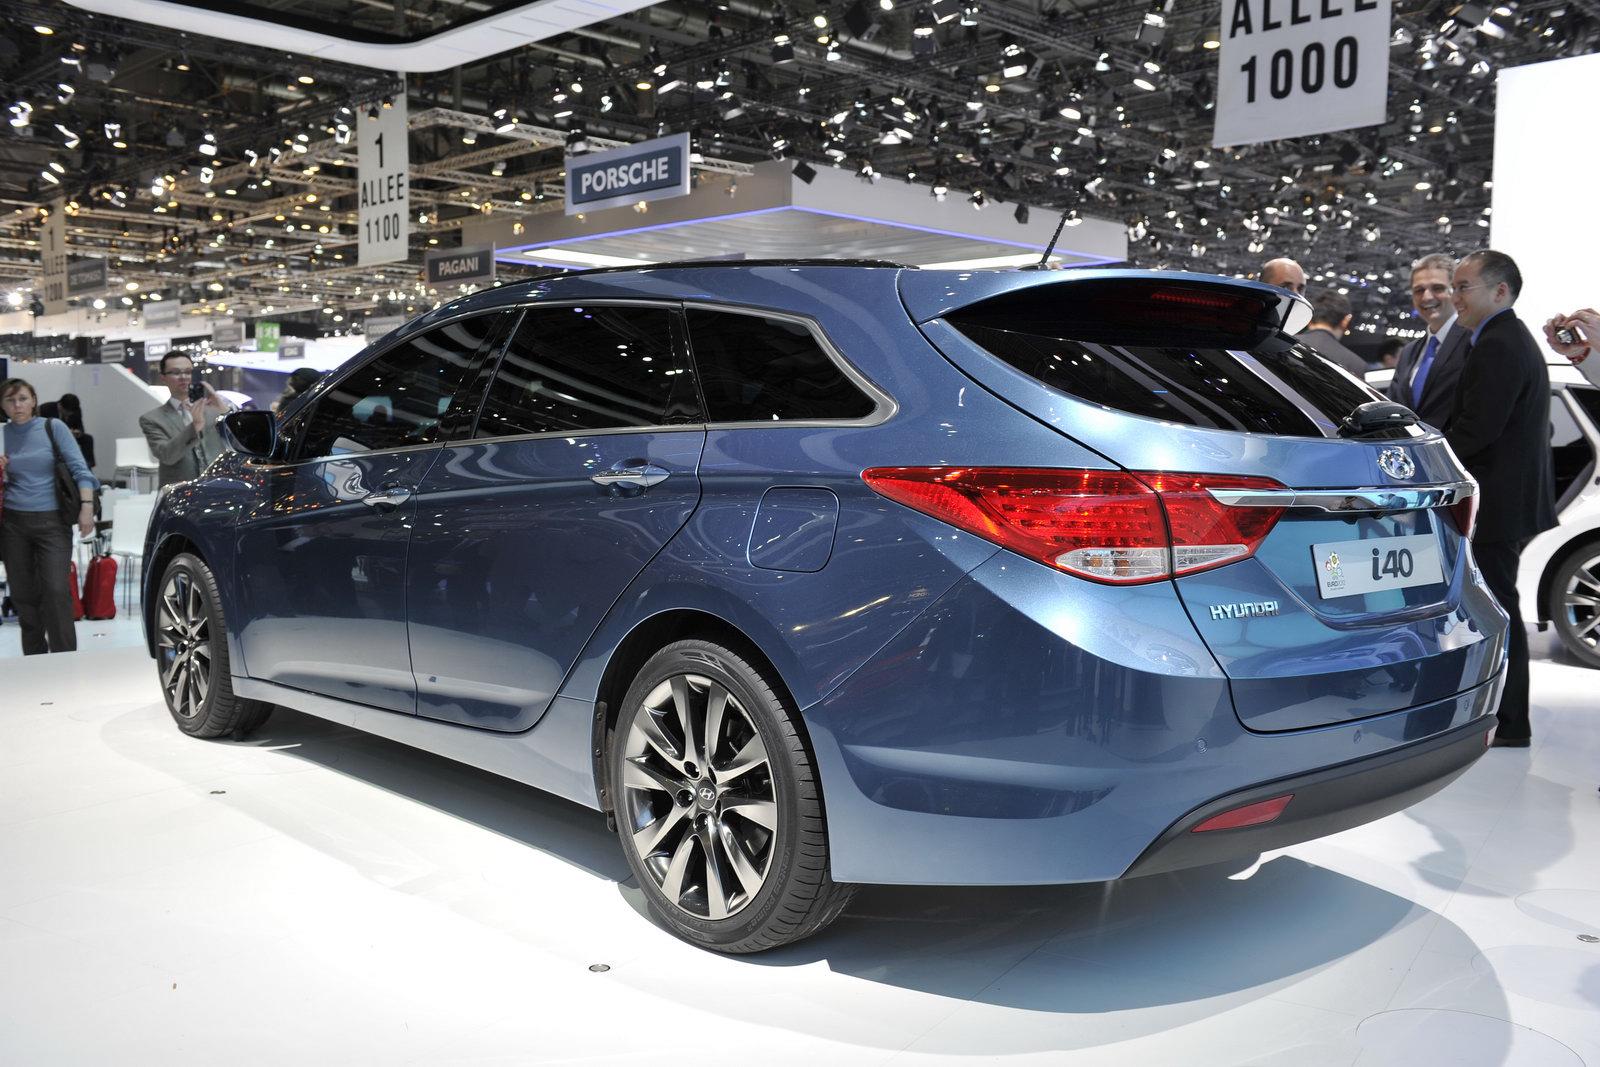 ������� ٢٠١٤ ����� ������� ٢٠١٤ Hyundai-i40-Cw-16.jpg